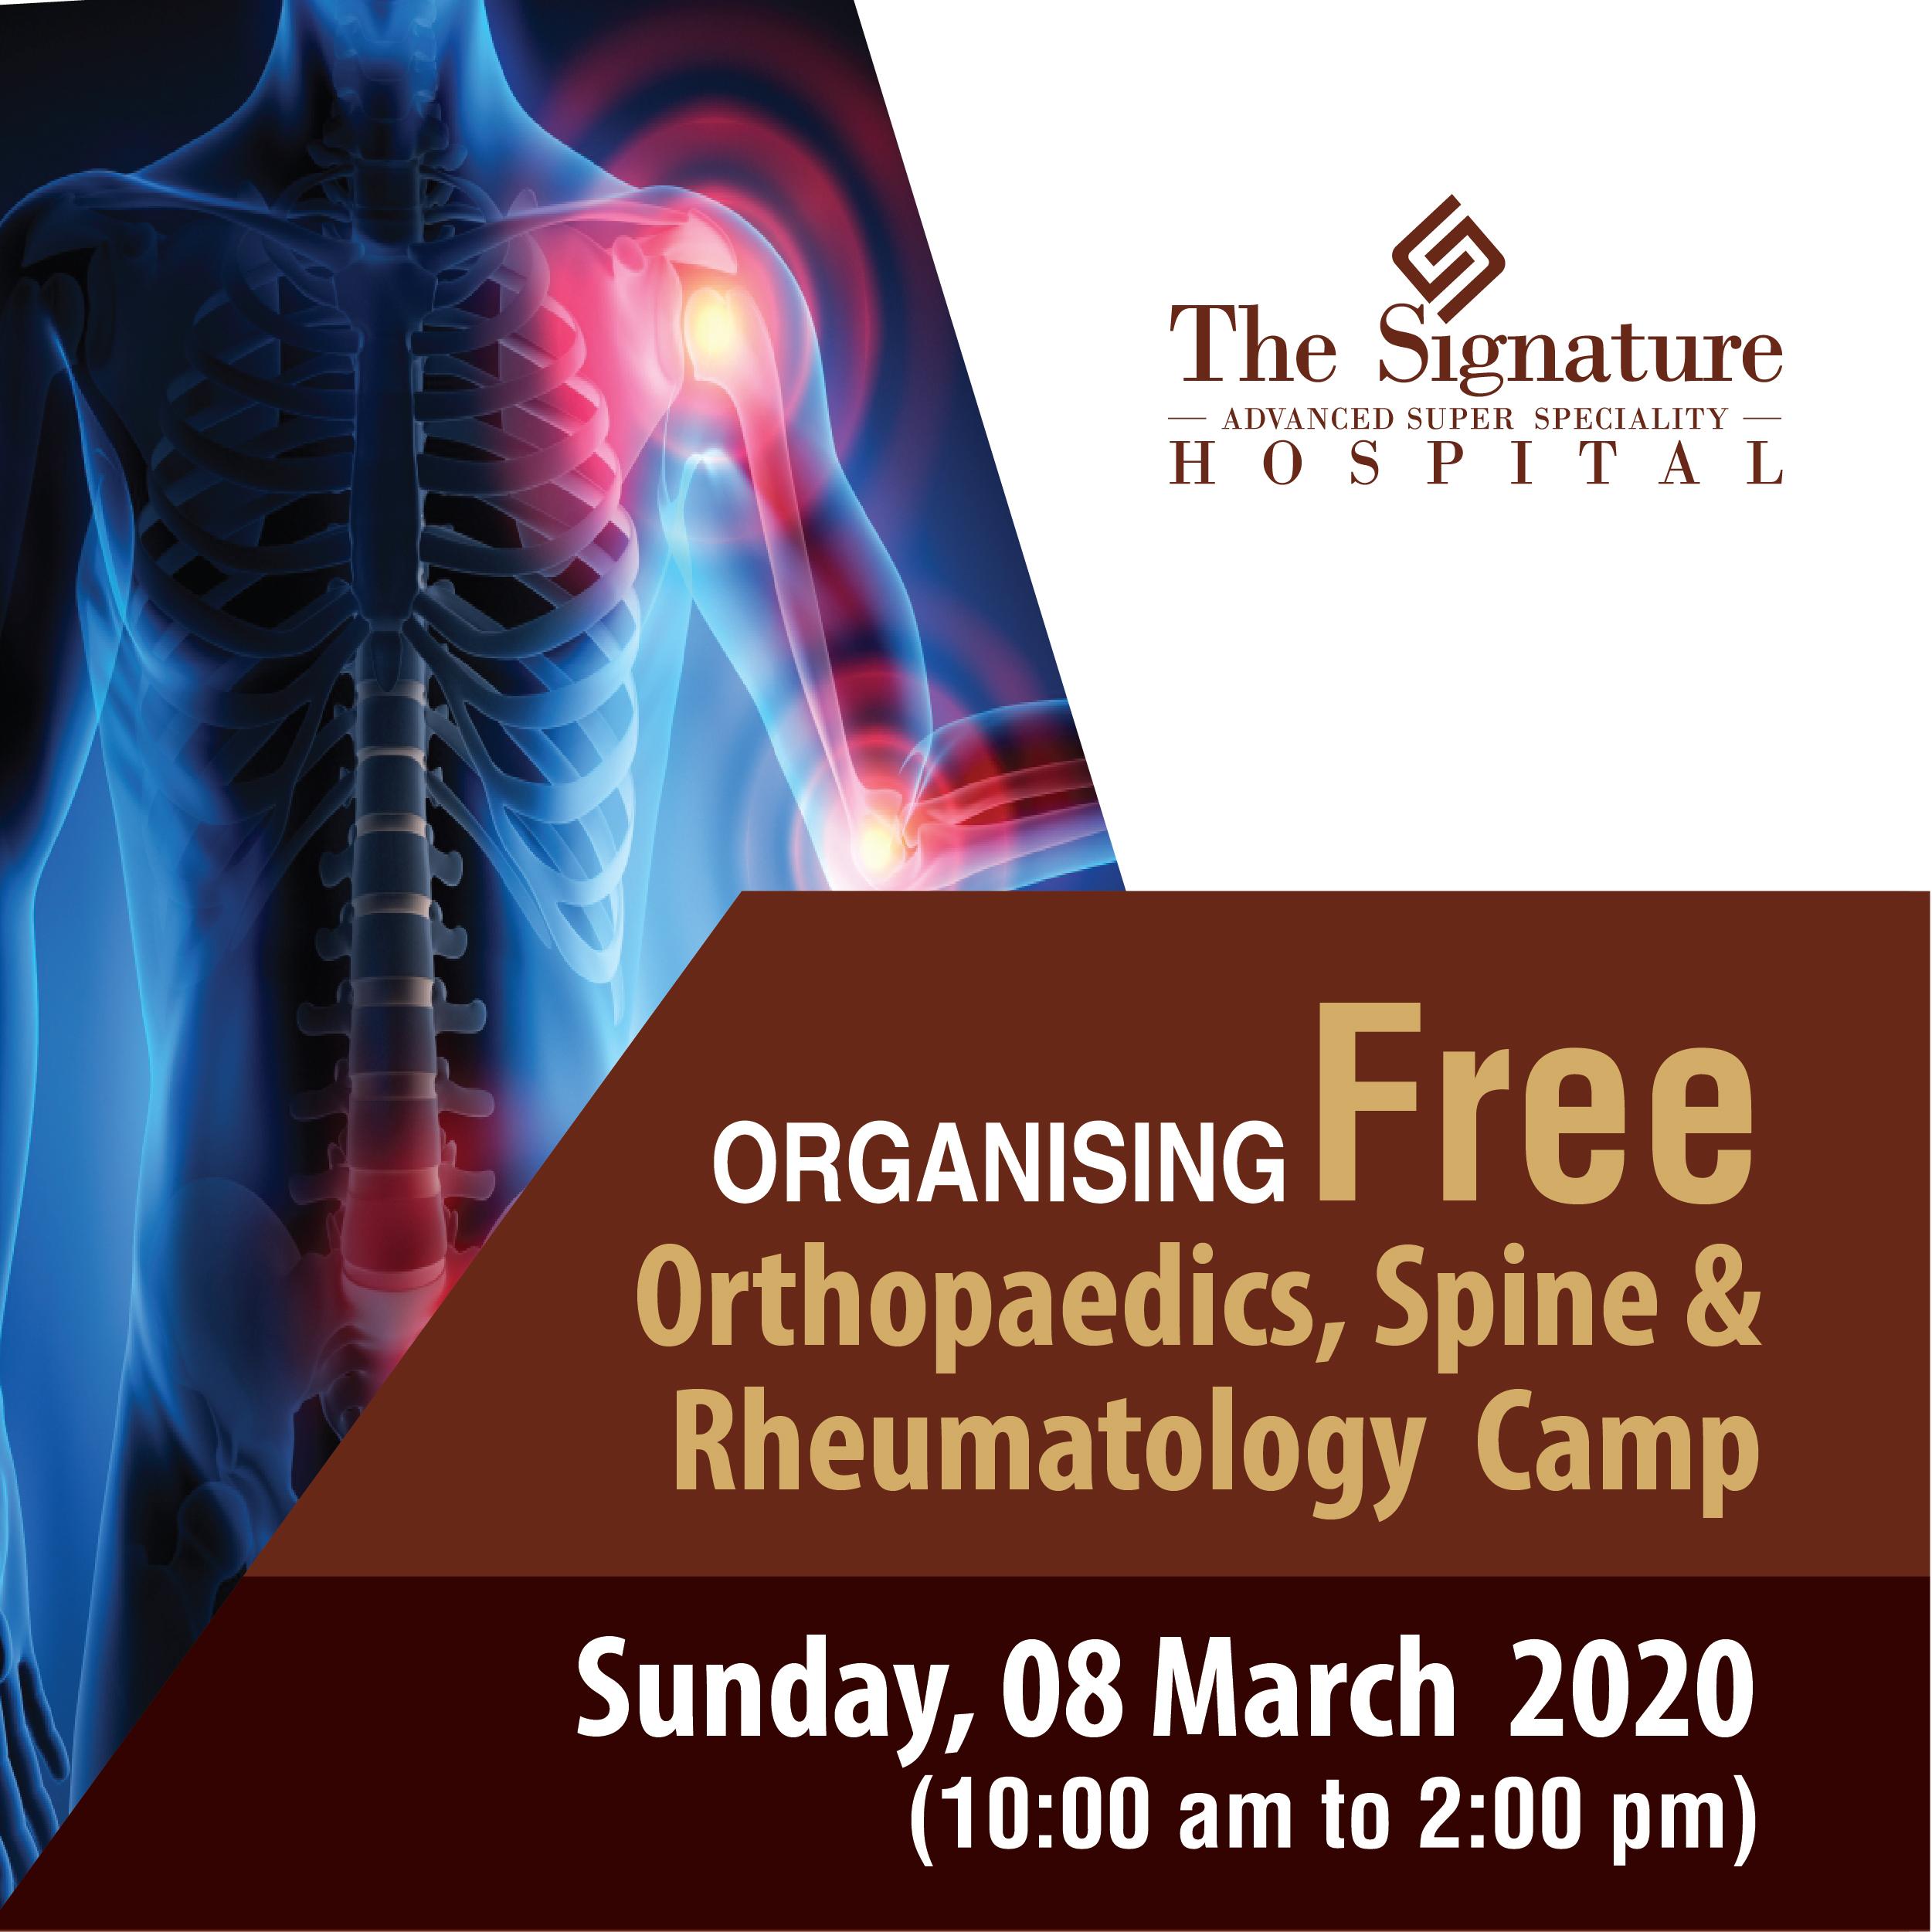 Organising Free Orthopaedics, Spine & Rheumatology Camp